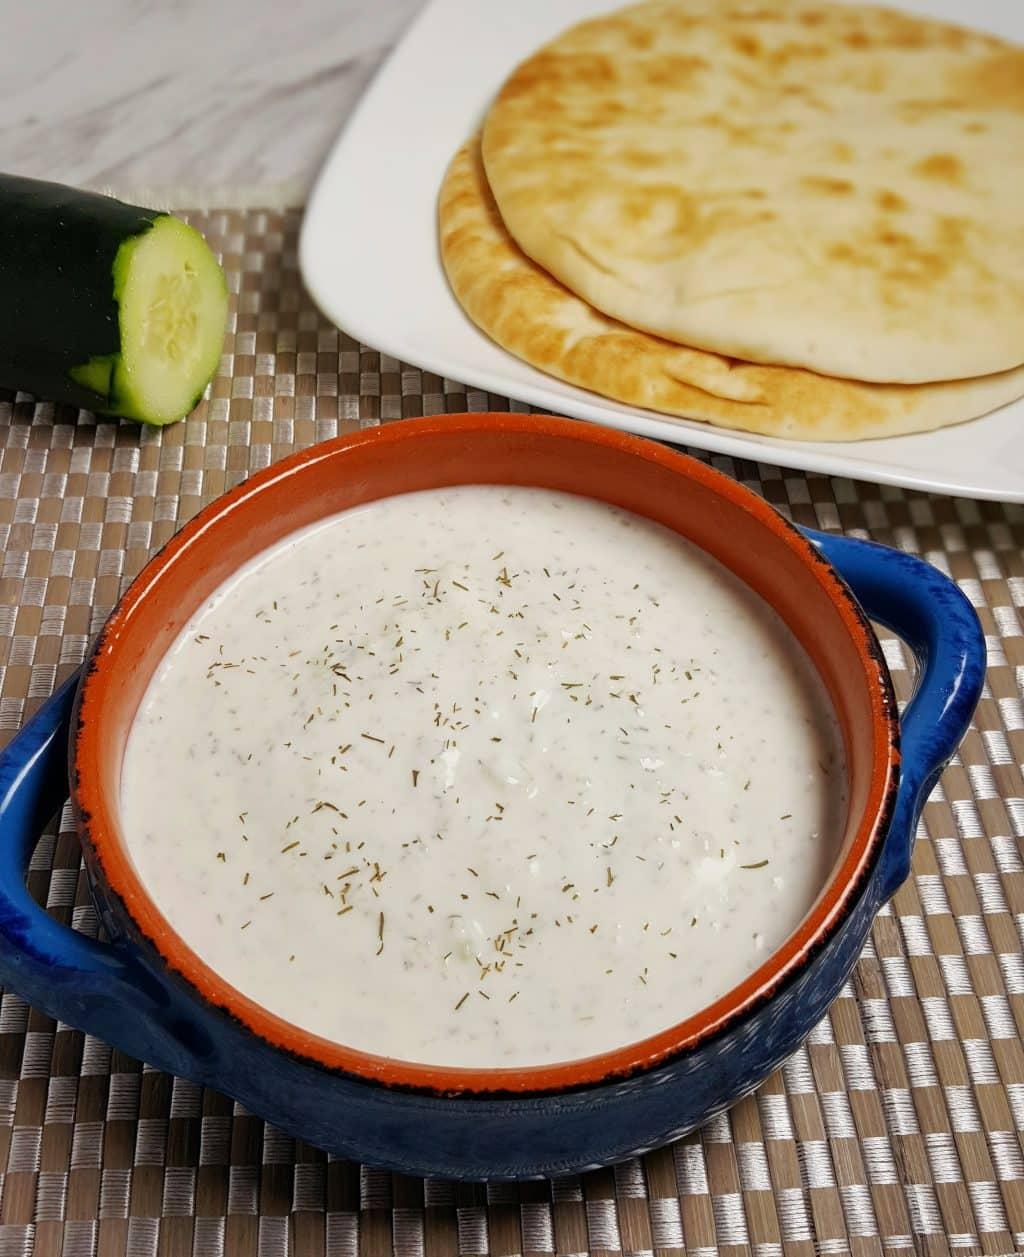 Greek tzatziki sauce recipe garlic cucumber yogurt dip this old gal greek tzatziki sauce recipe garlic cucumber yogurt dip forumfinder Image collections